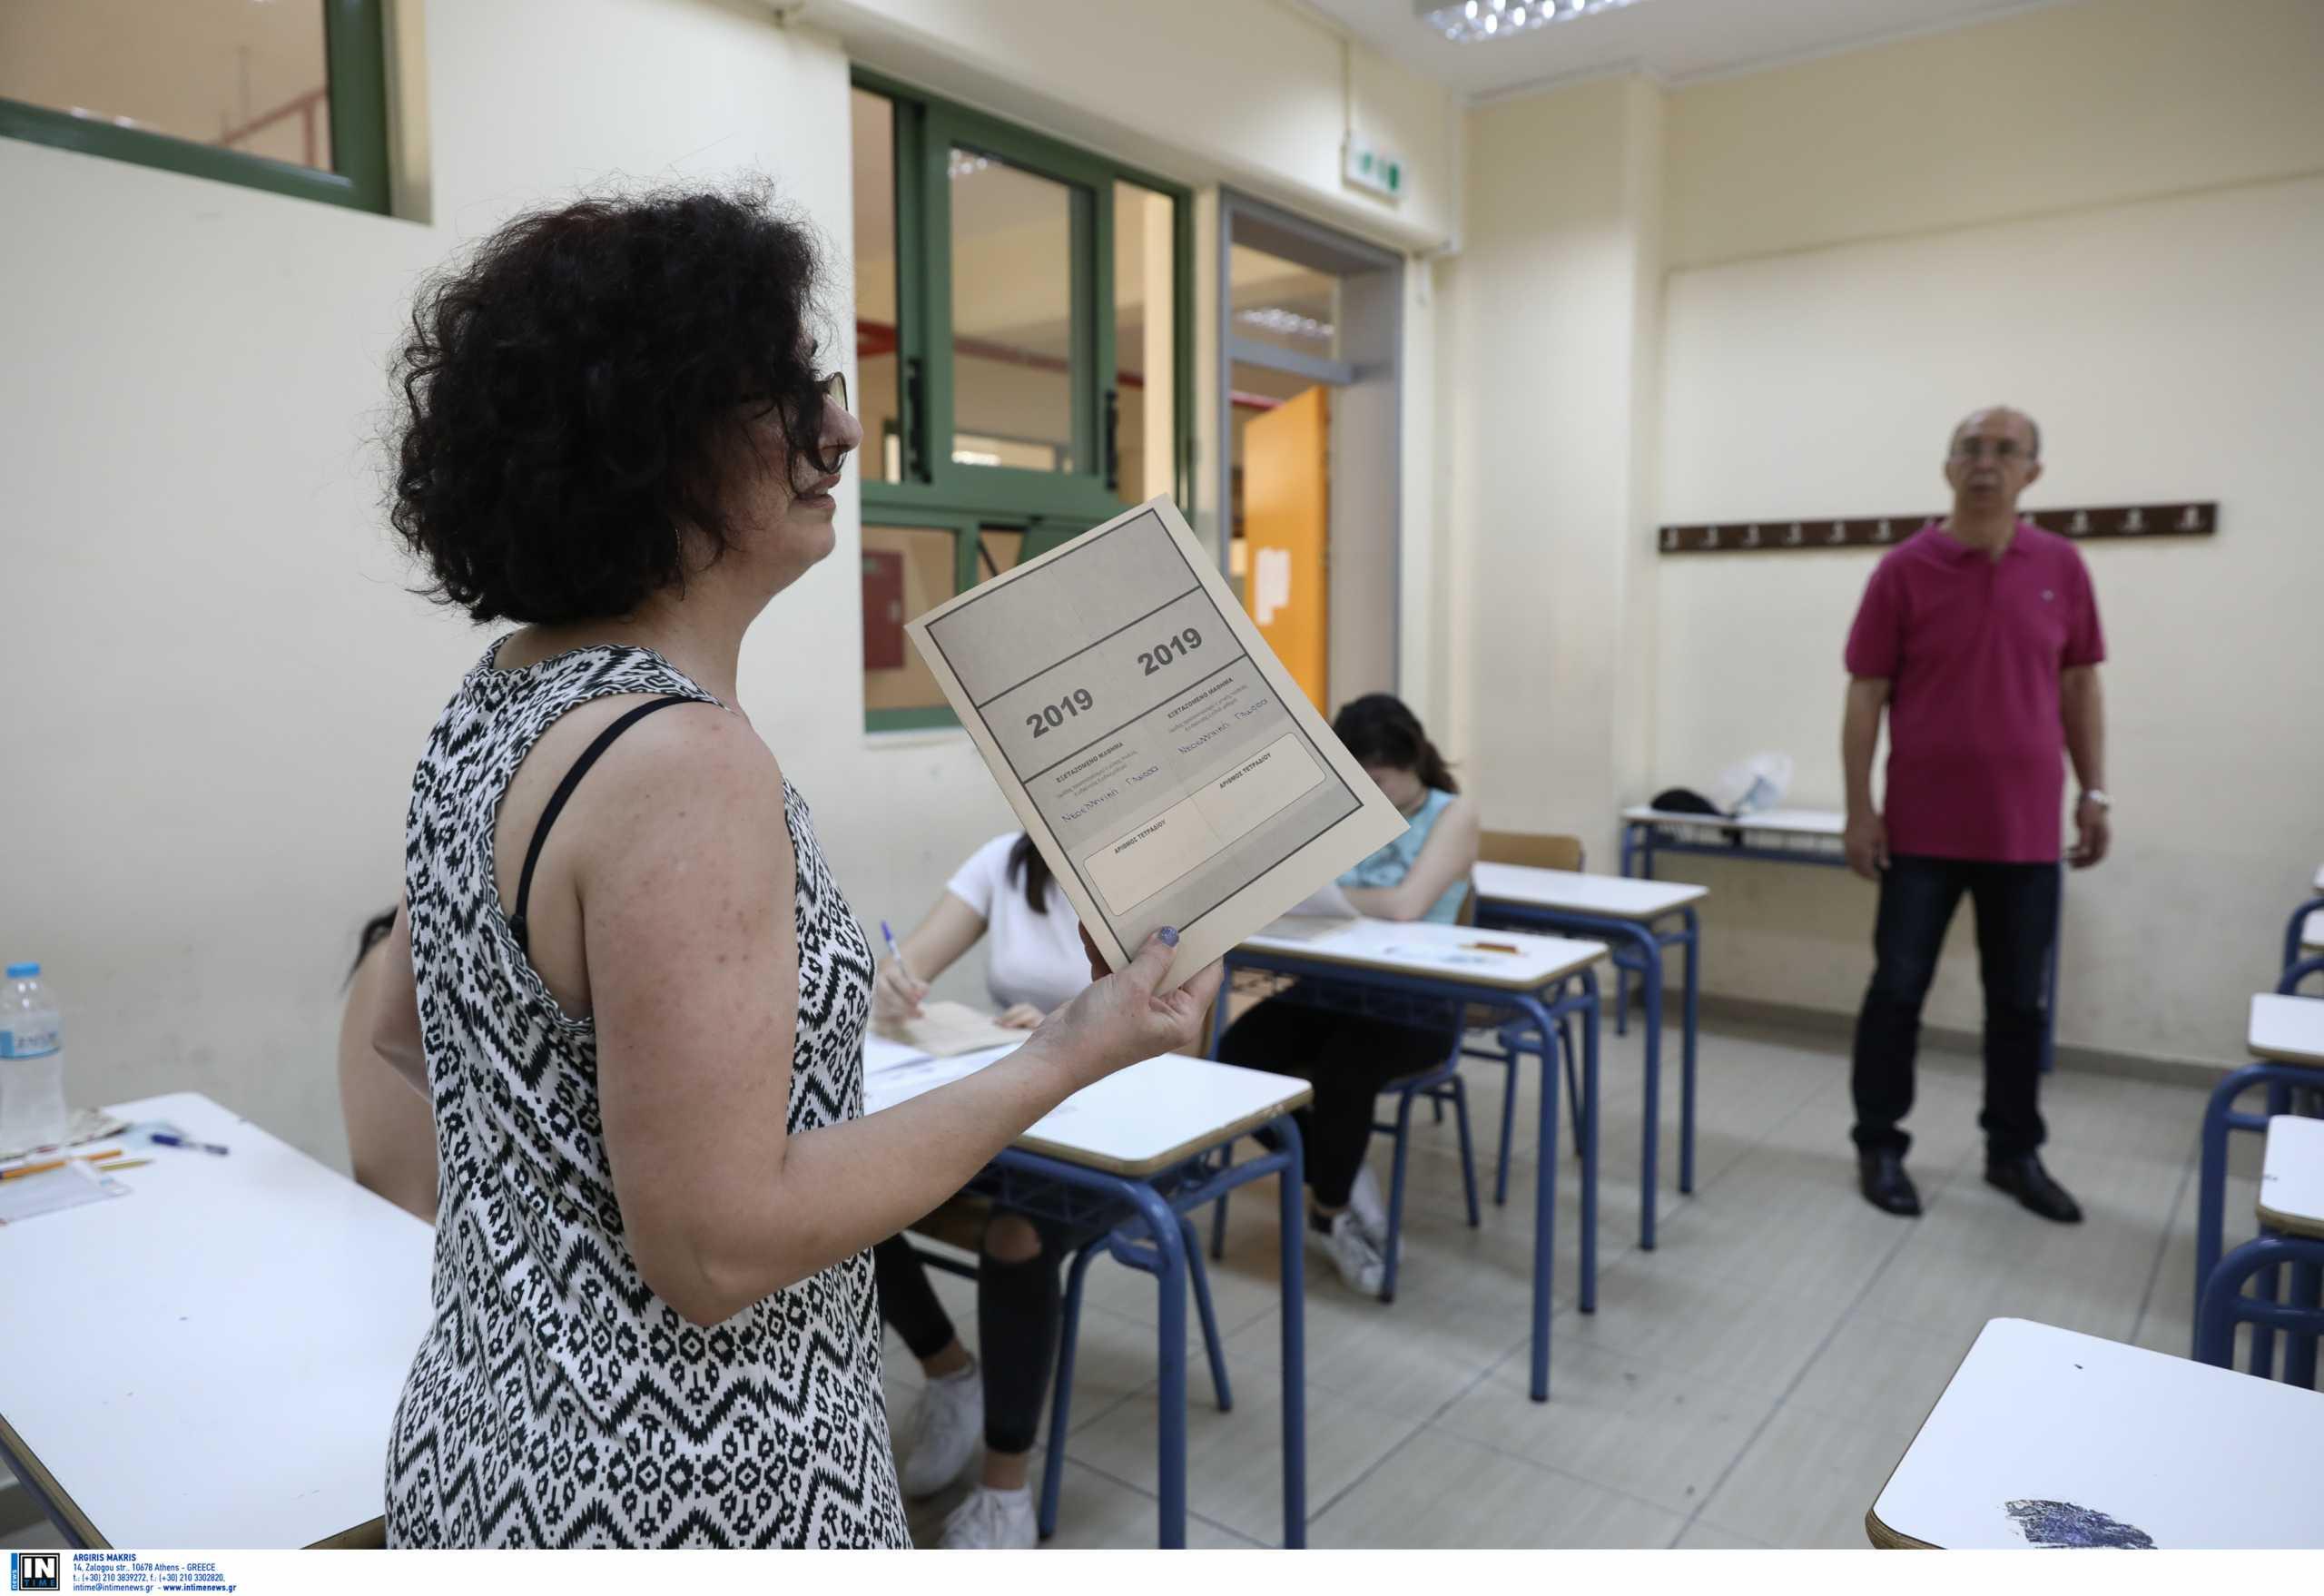 Κεραμέως: Πότε θα γίνουν οι Πανελλήνιες – Τι είπε για τις προαγωγικές εξετάσεις σε Λύκεια και Γυμνάσια